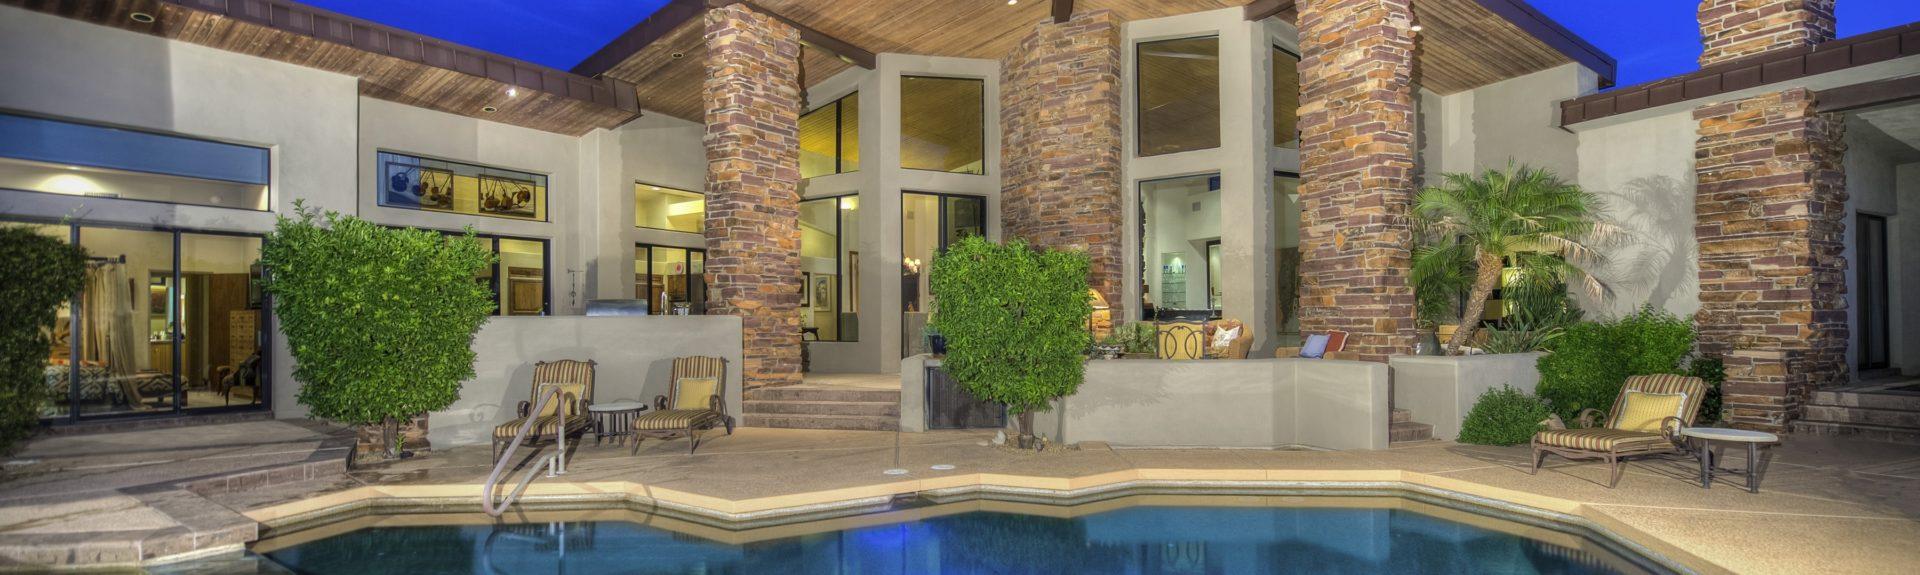 Scottsdale home back pool